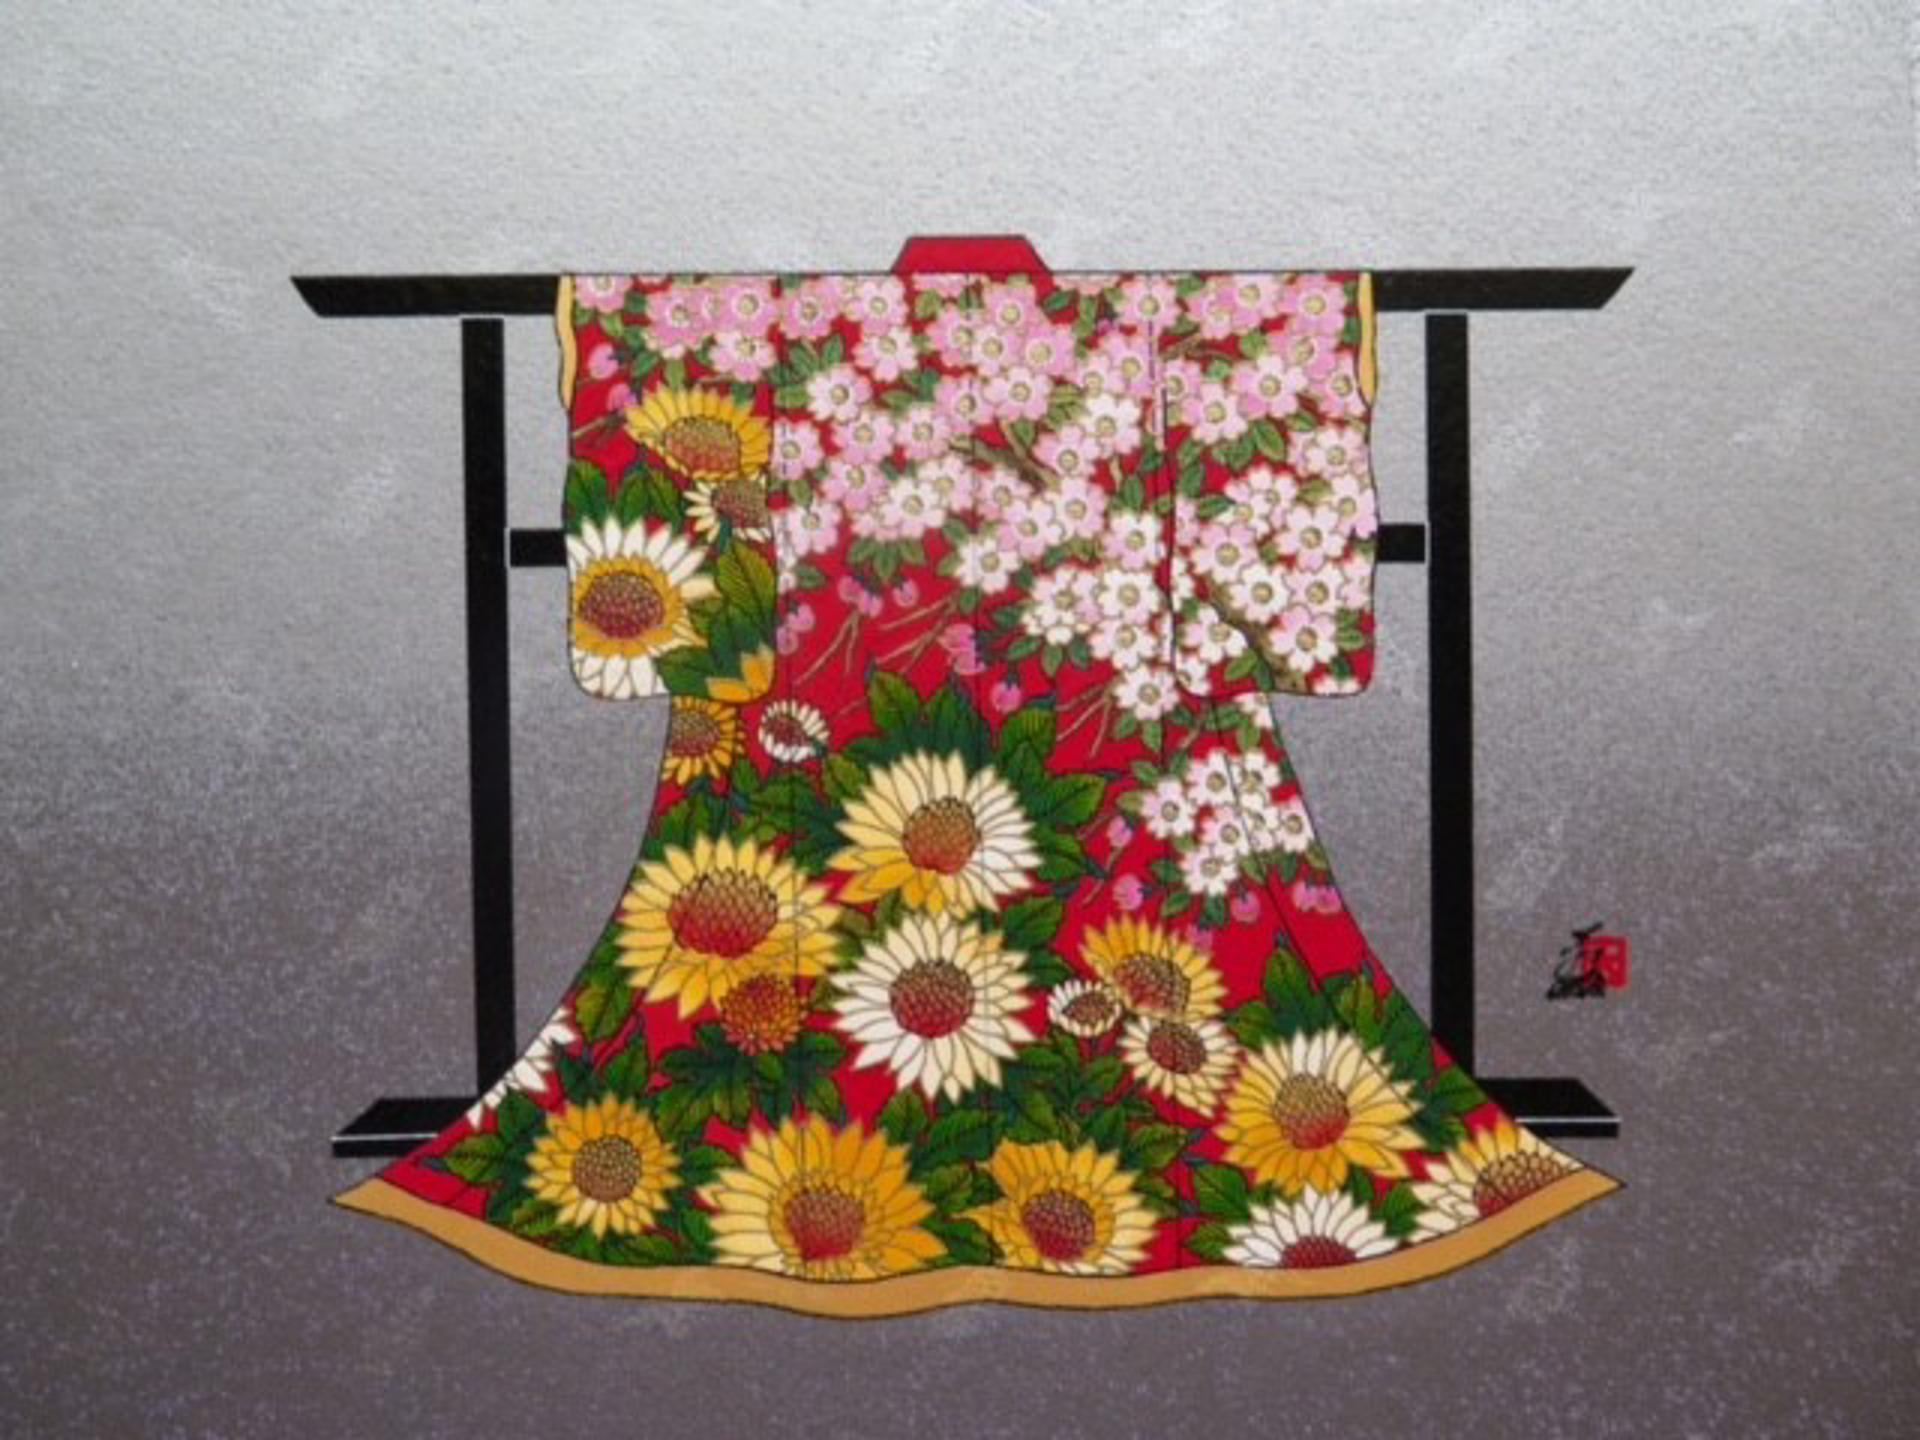 Passion #12 (Mini Kimono) by Hisashi Otsuka